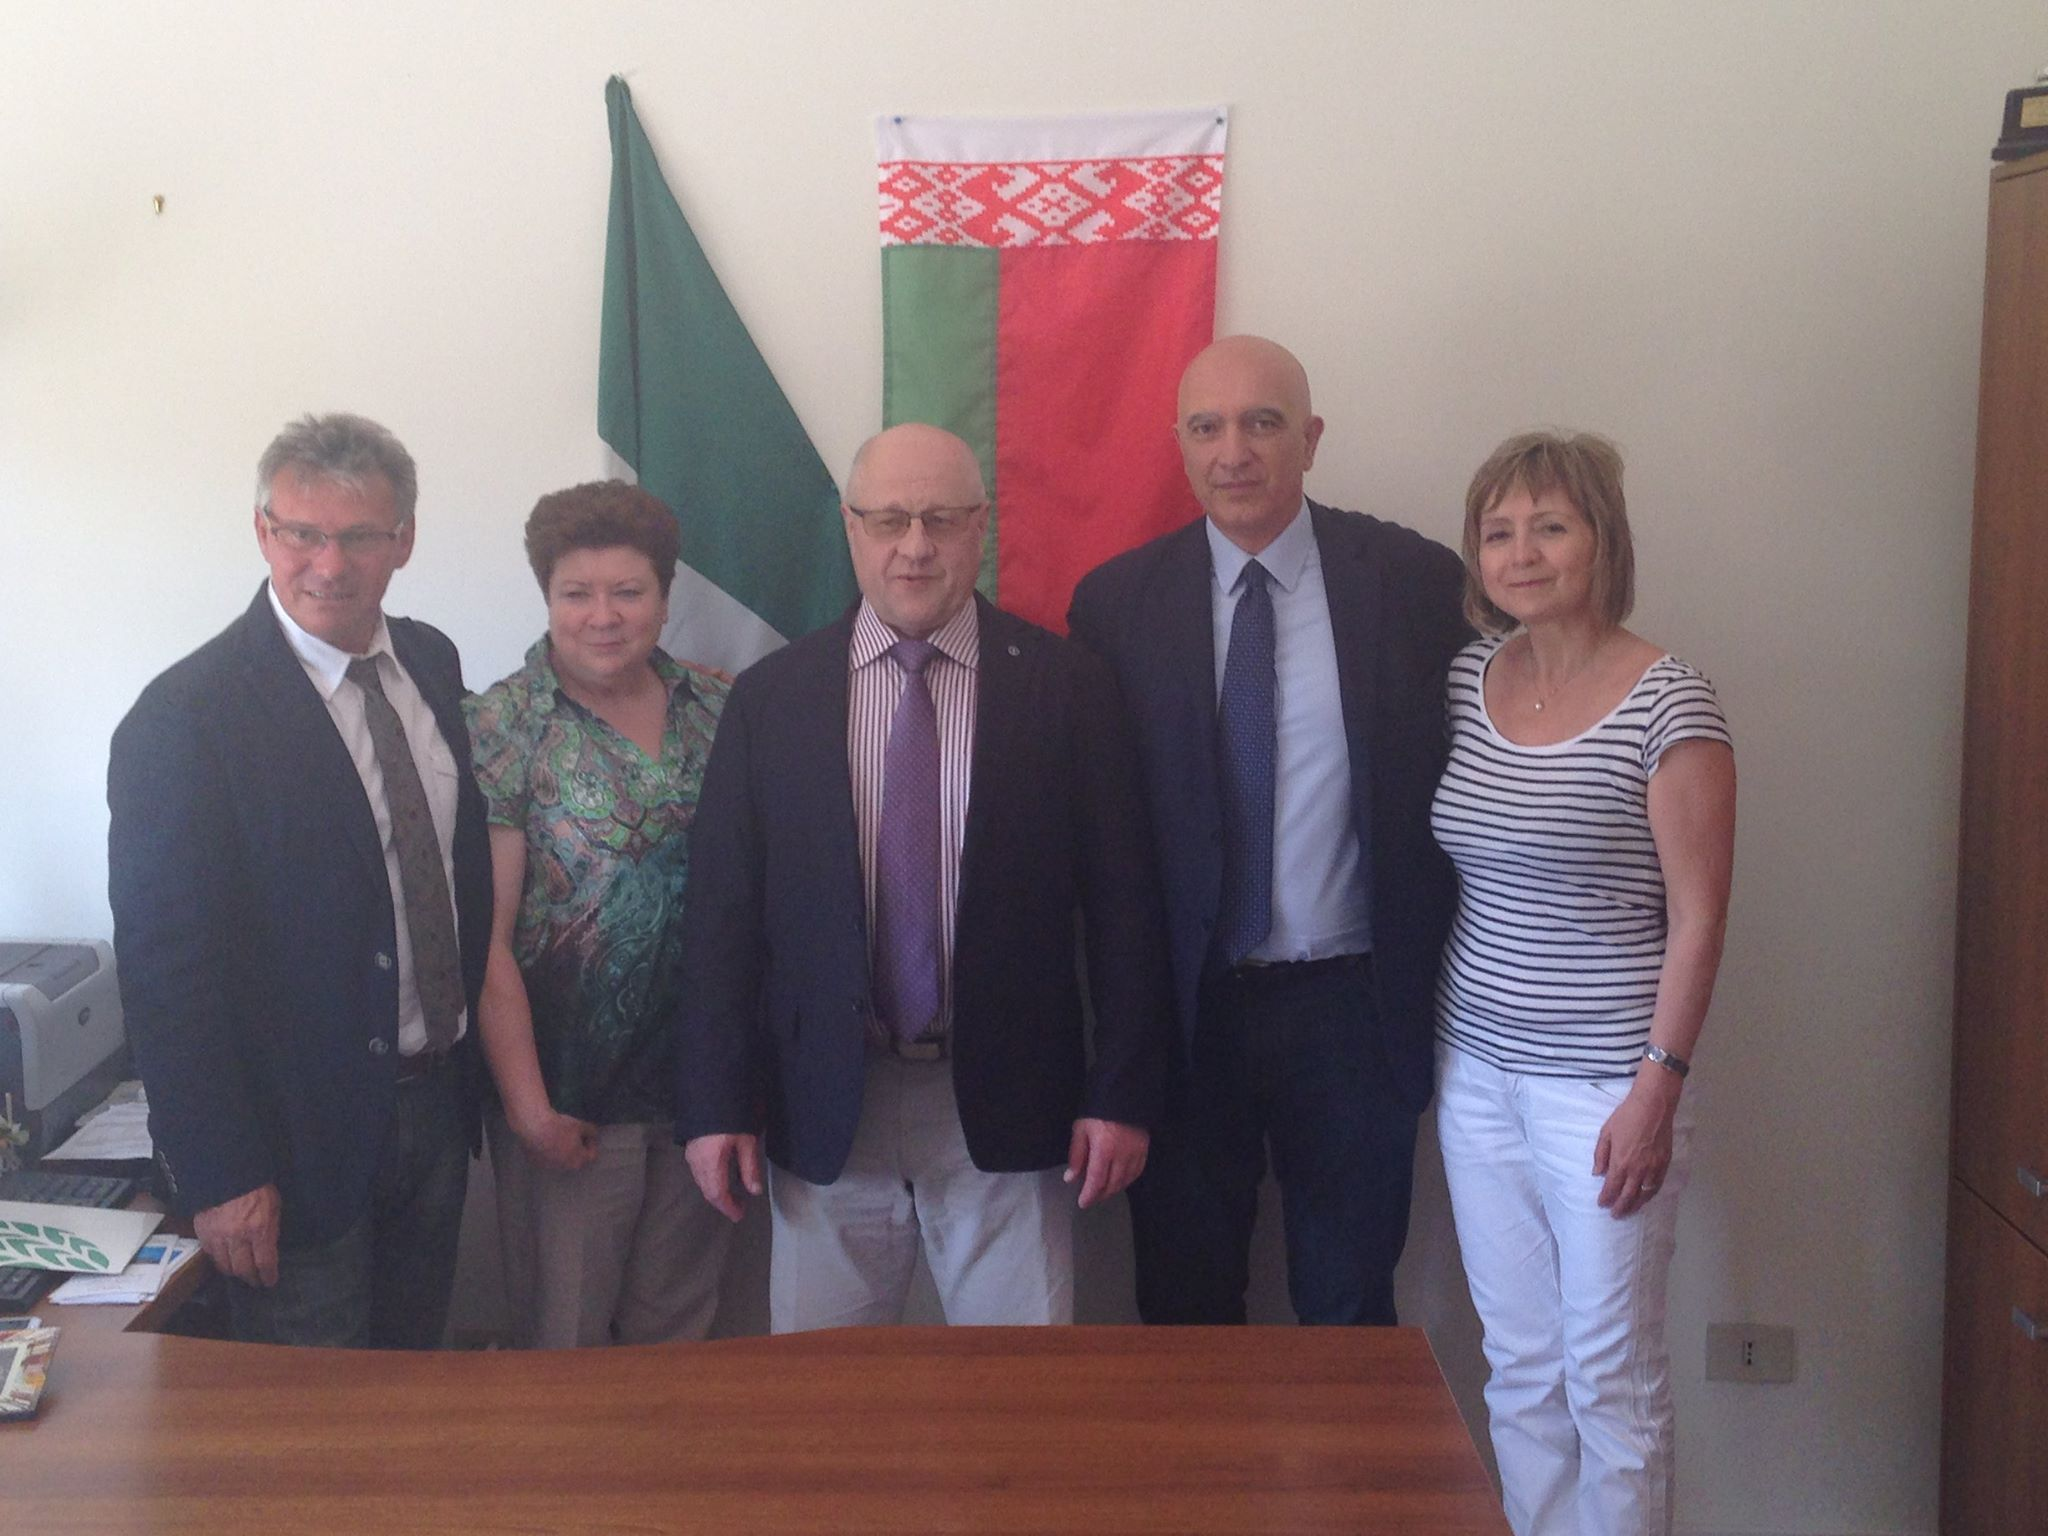 Nasce una rete a favore dei minori bielorussi